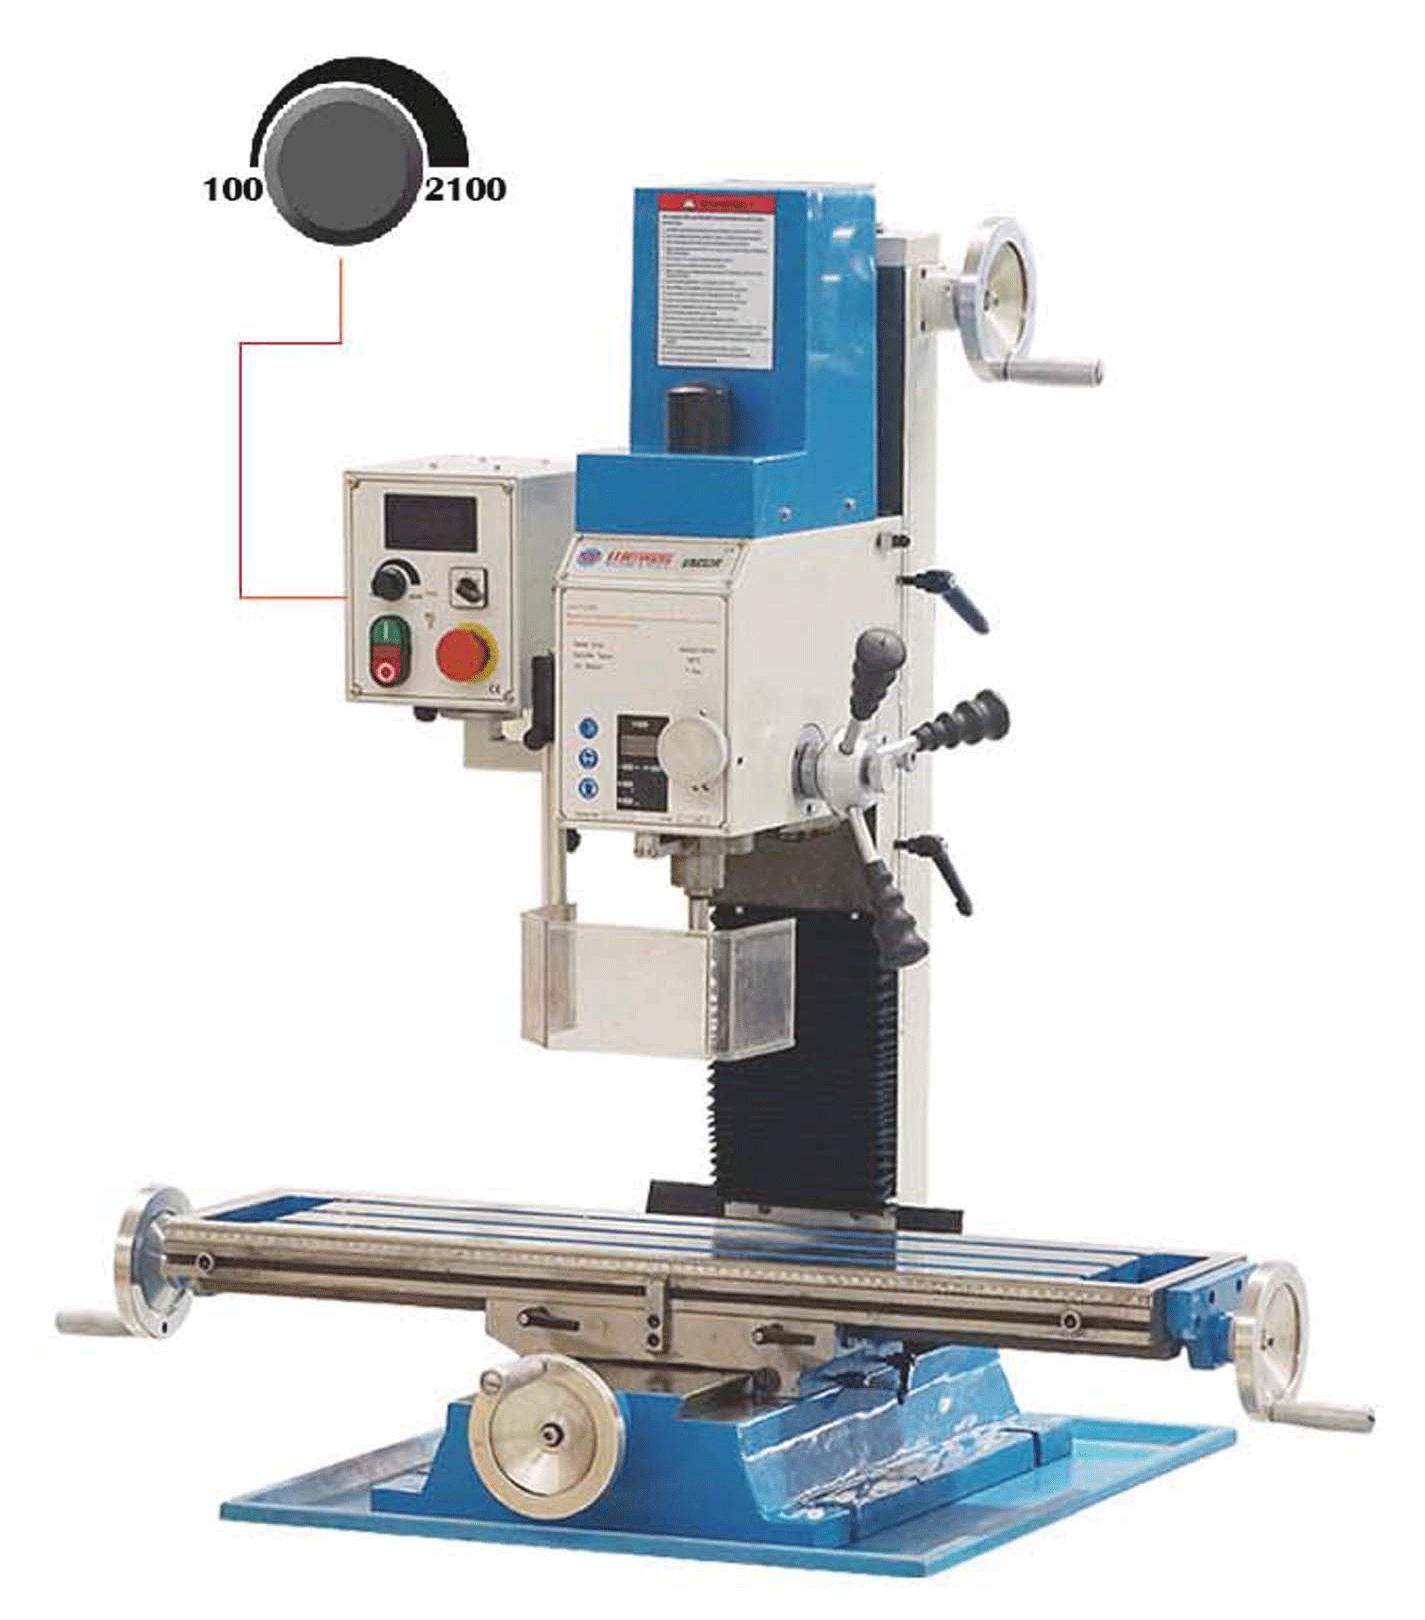 CNC MILL T-slot 3x14mm